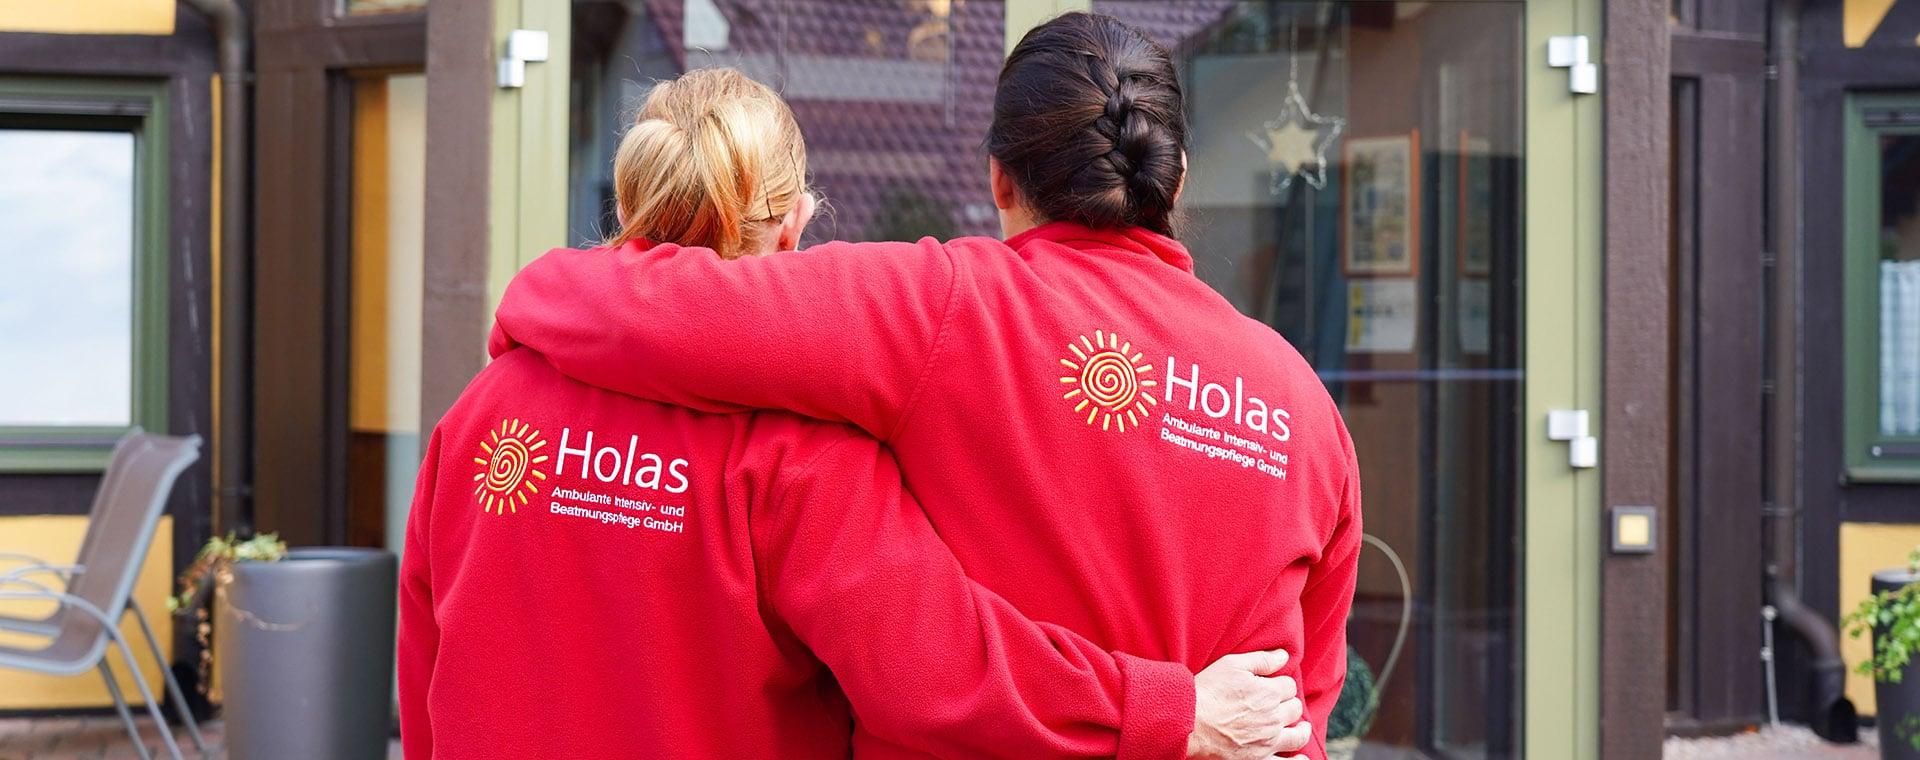 Holas - Ueber uns